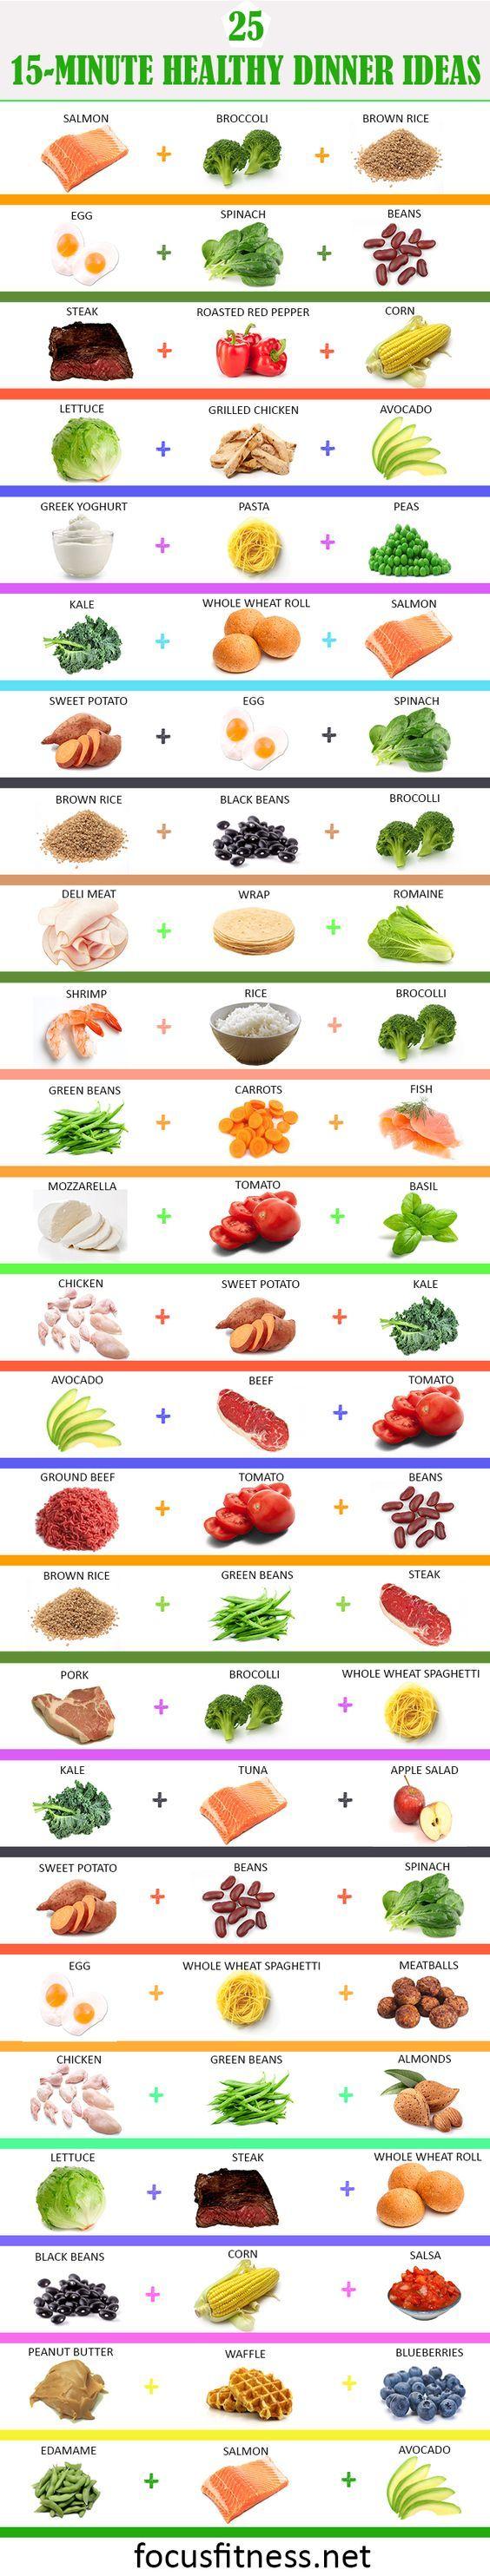 Tu blog sobre como llevar una vida saludable y reducir barriga.